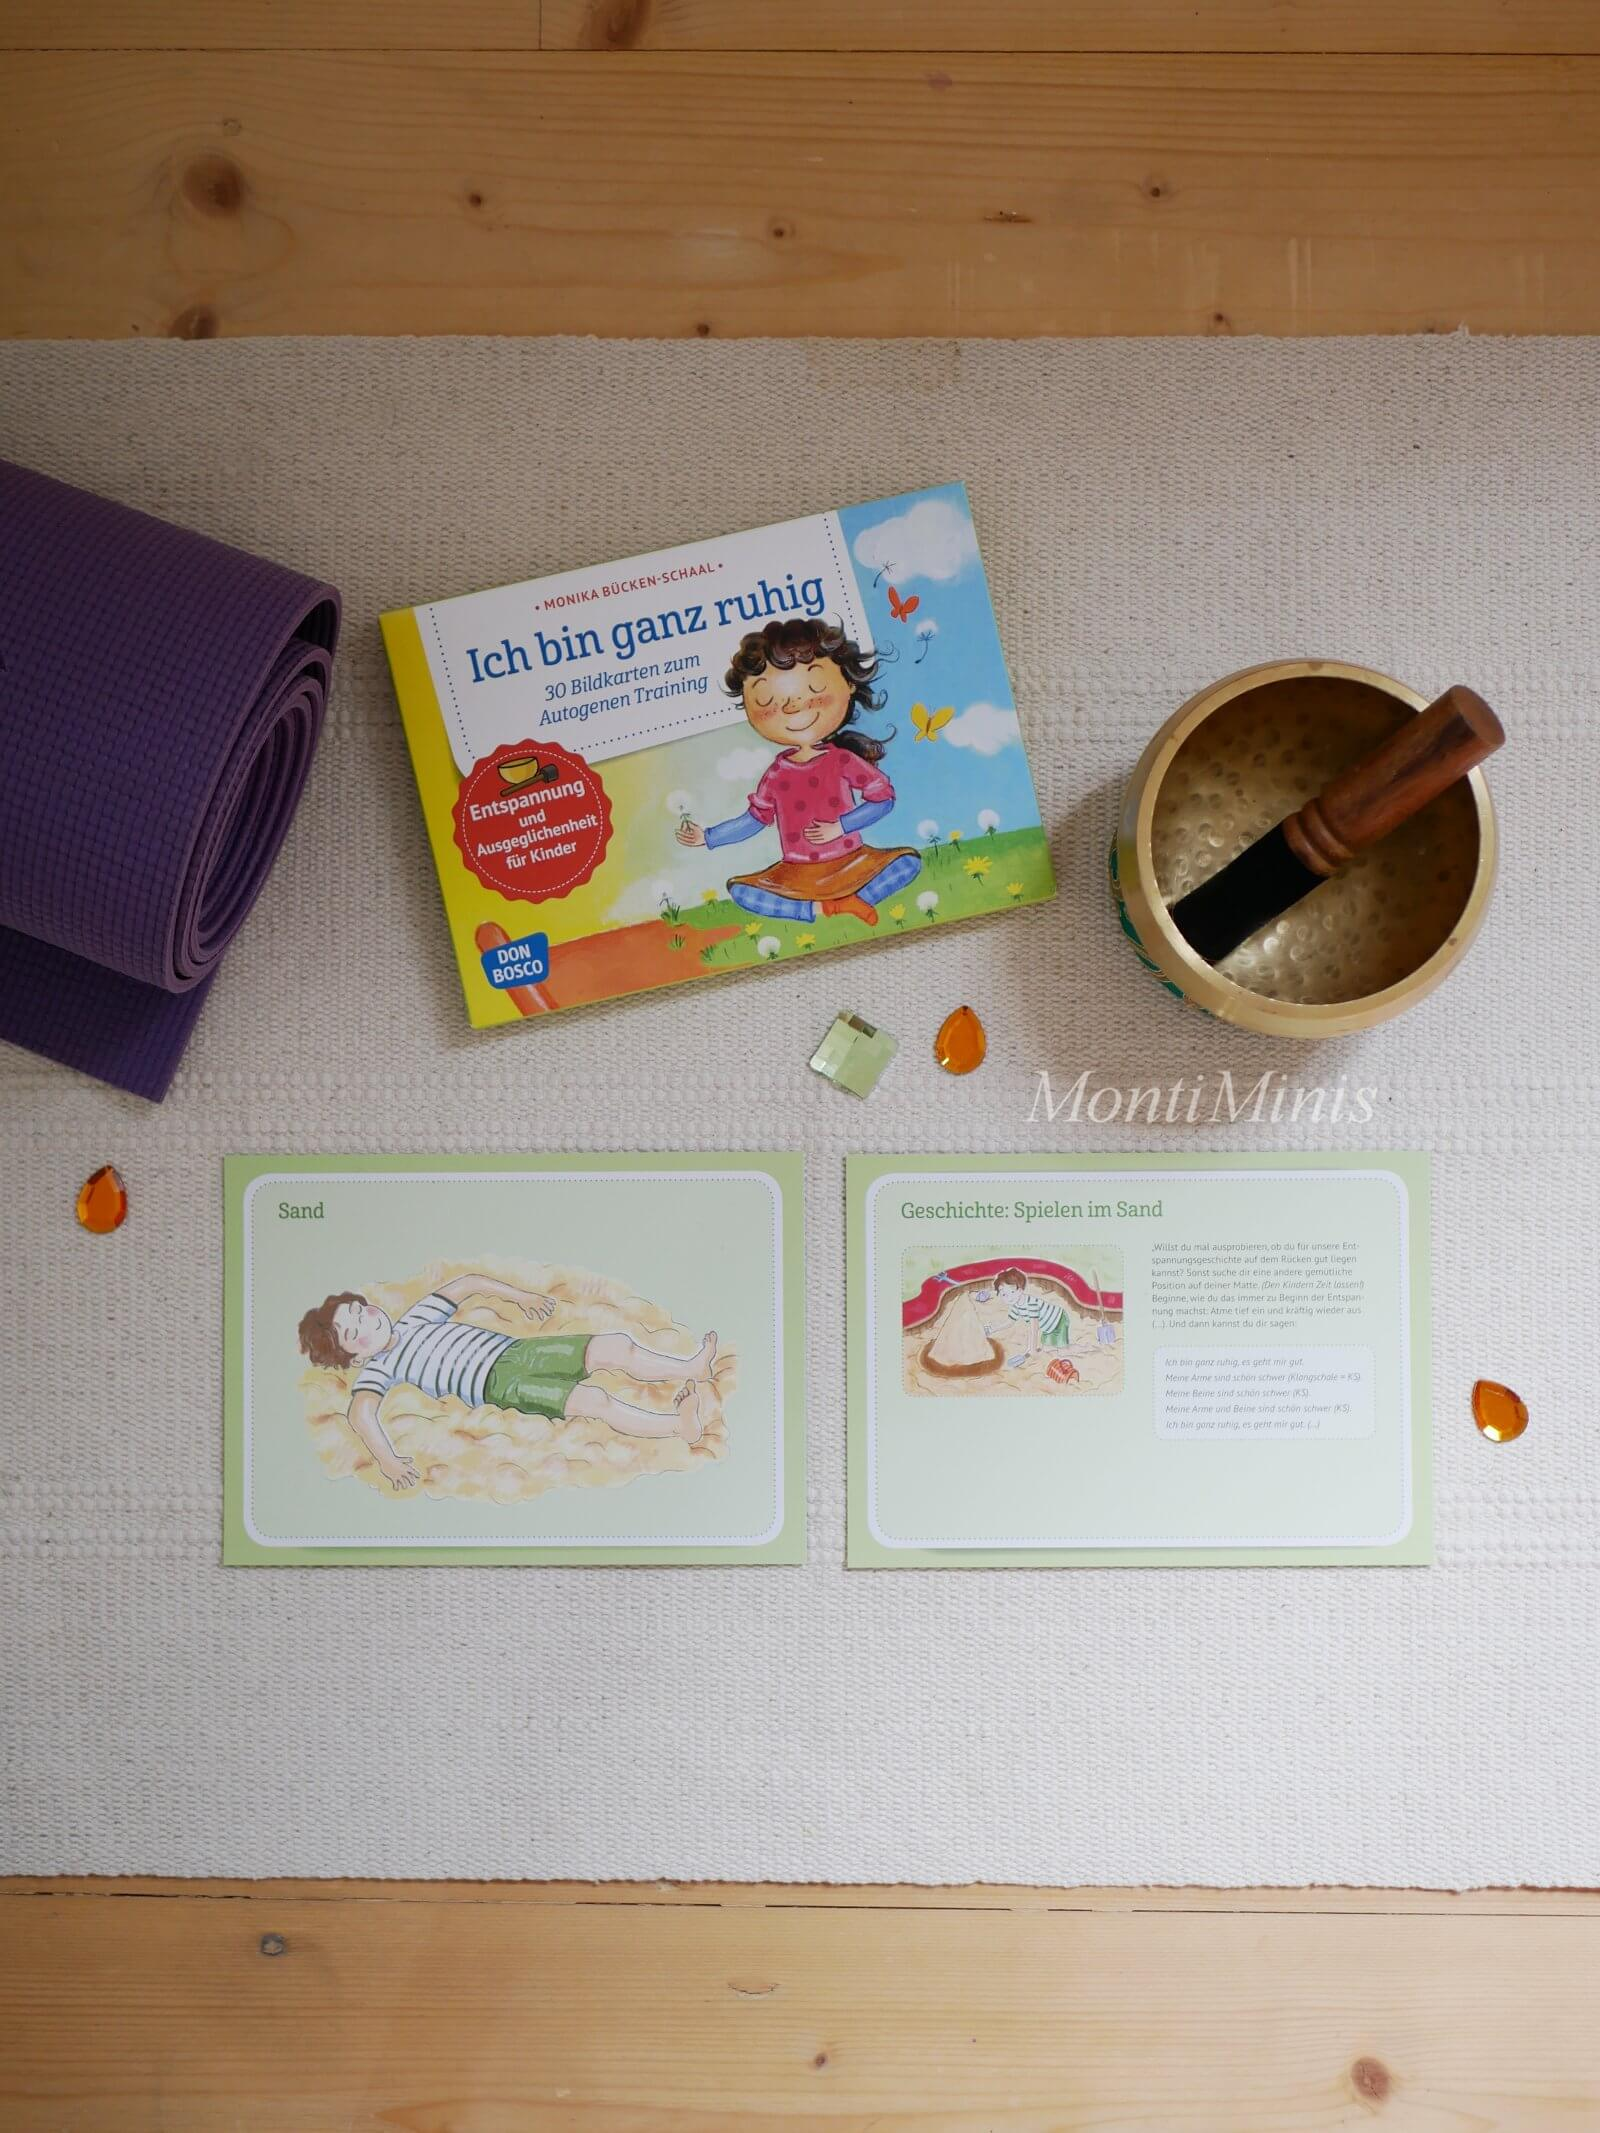 Autogenes Training mit Kindern, Montessori Zuhause: Eine Ruheoase für Kinder zum Lesen und Entspannen, Achtsamkeit, Kinderyoga, Buddha Board, Waldorf - montiminis.com